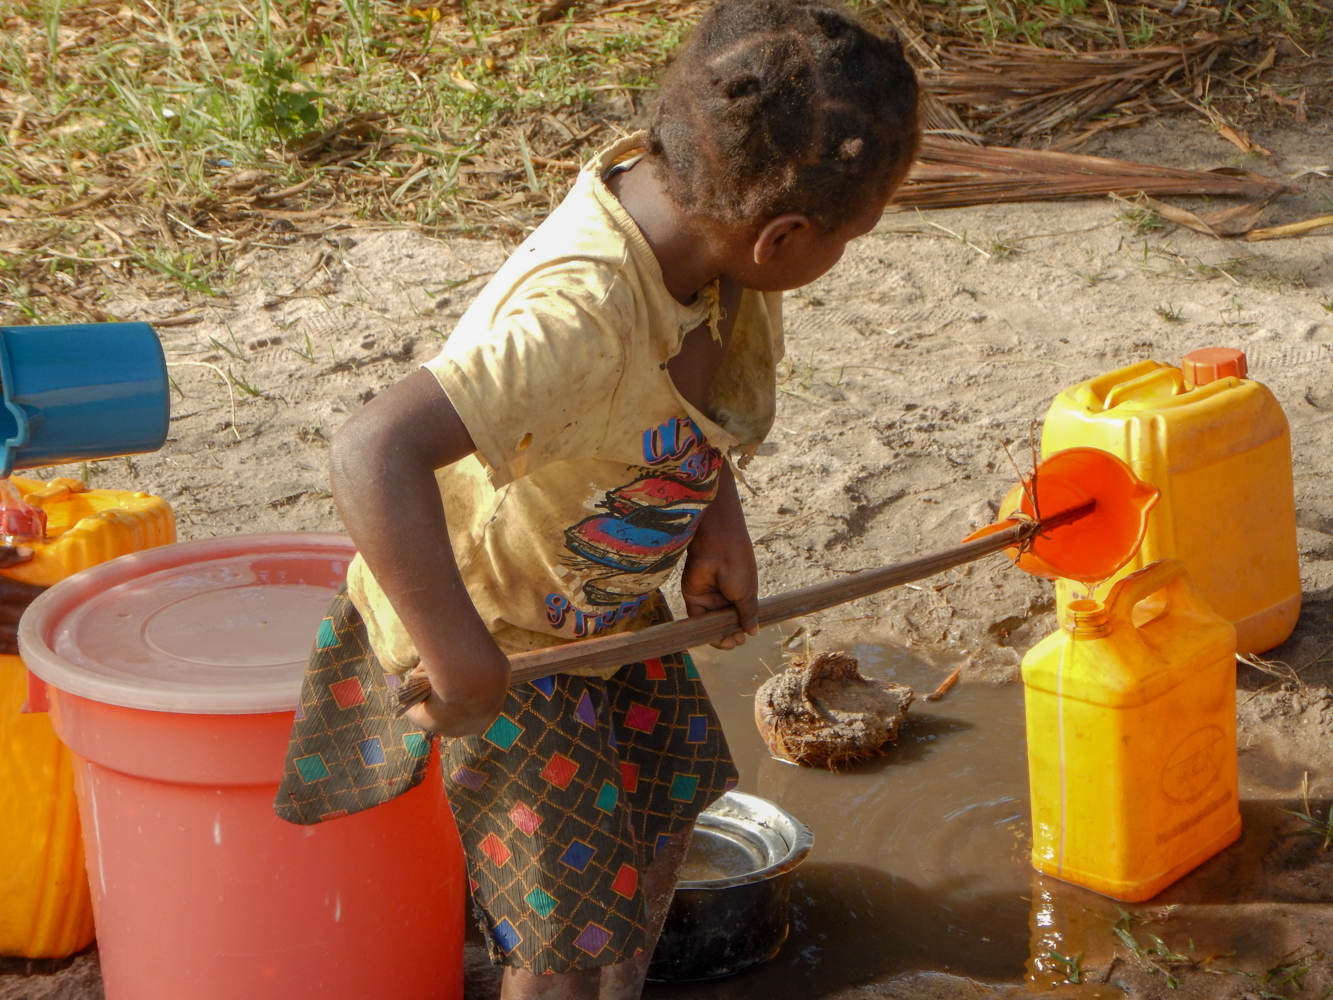 little girl heping mom fetch water-5710.jpg